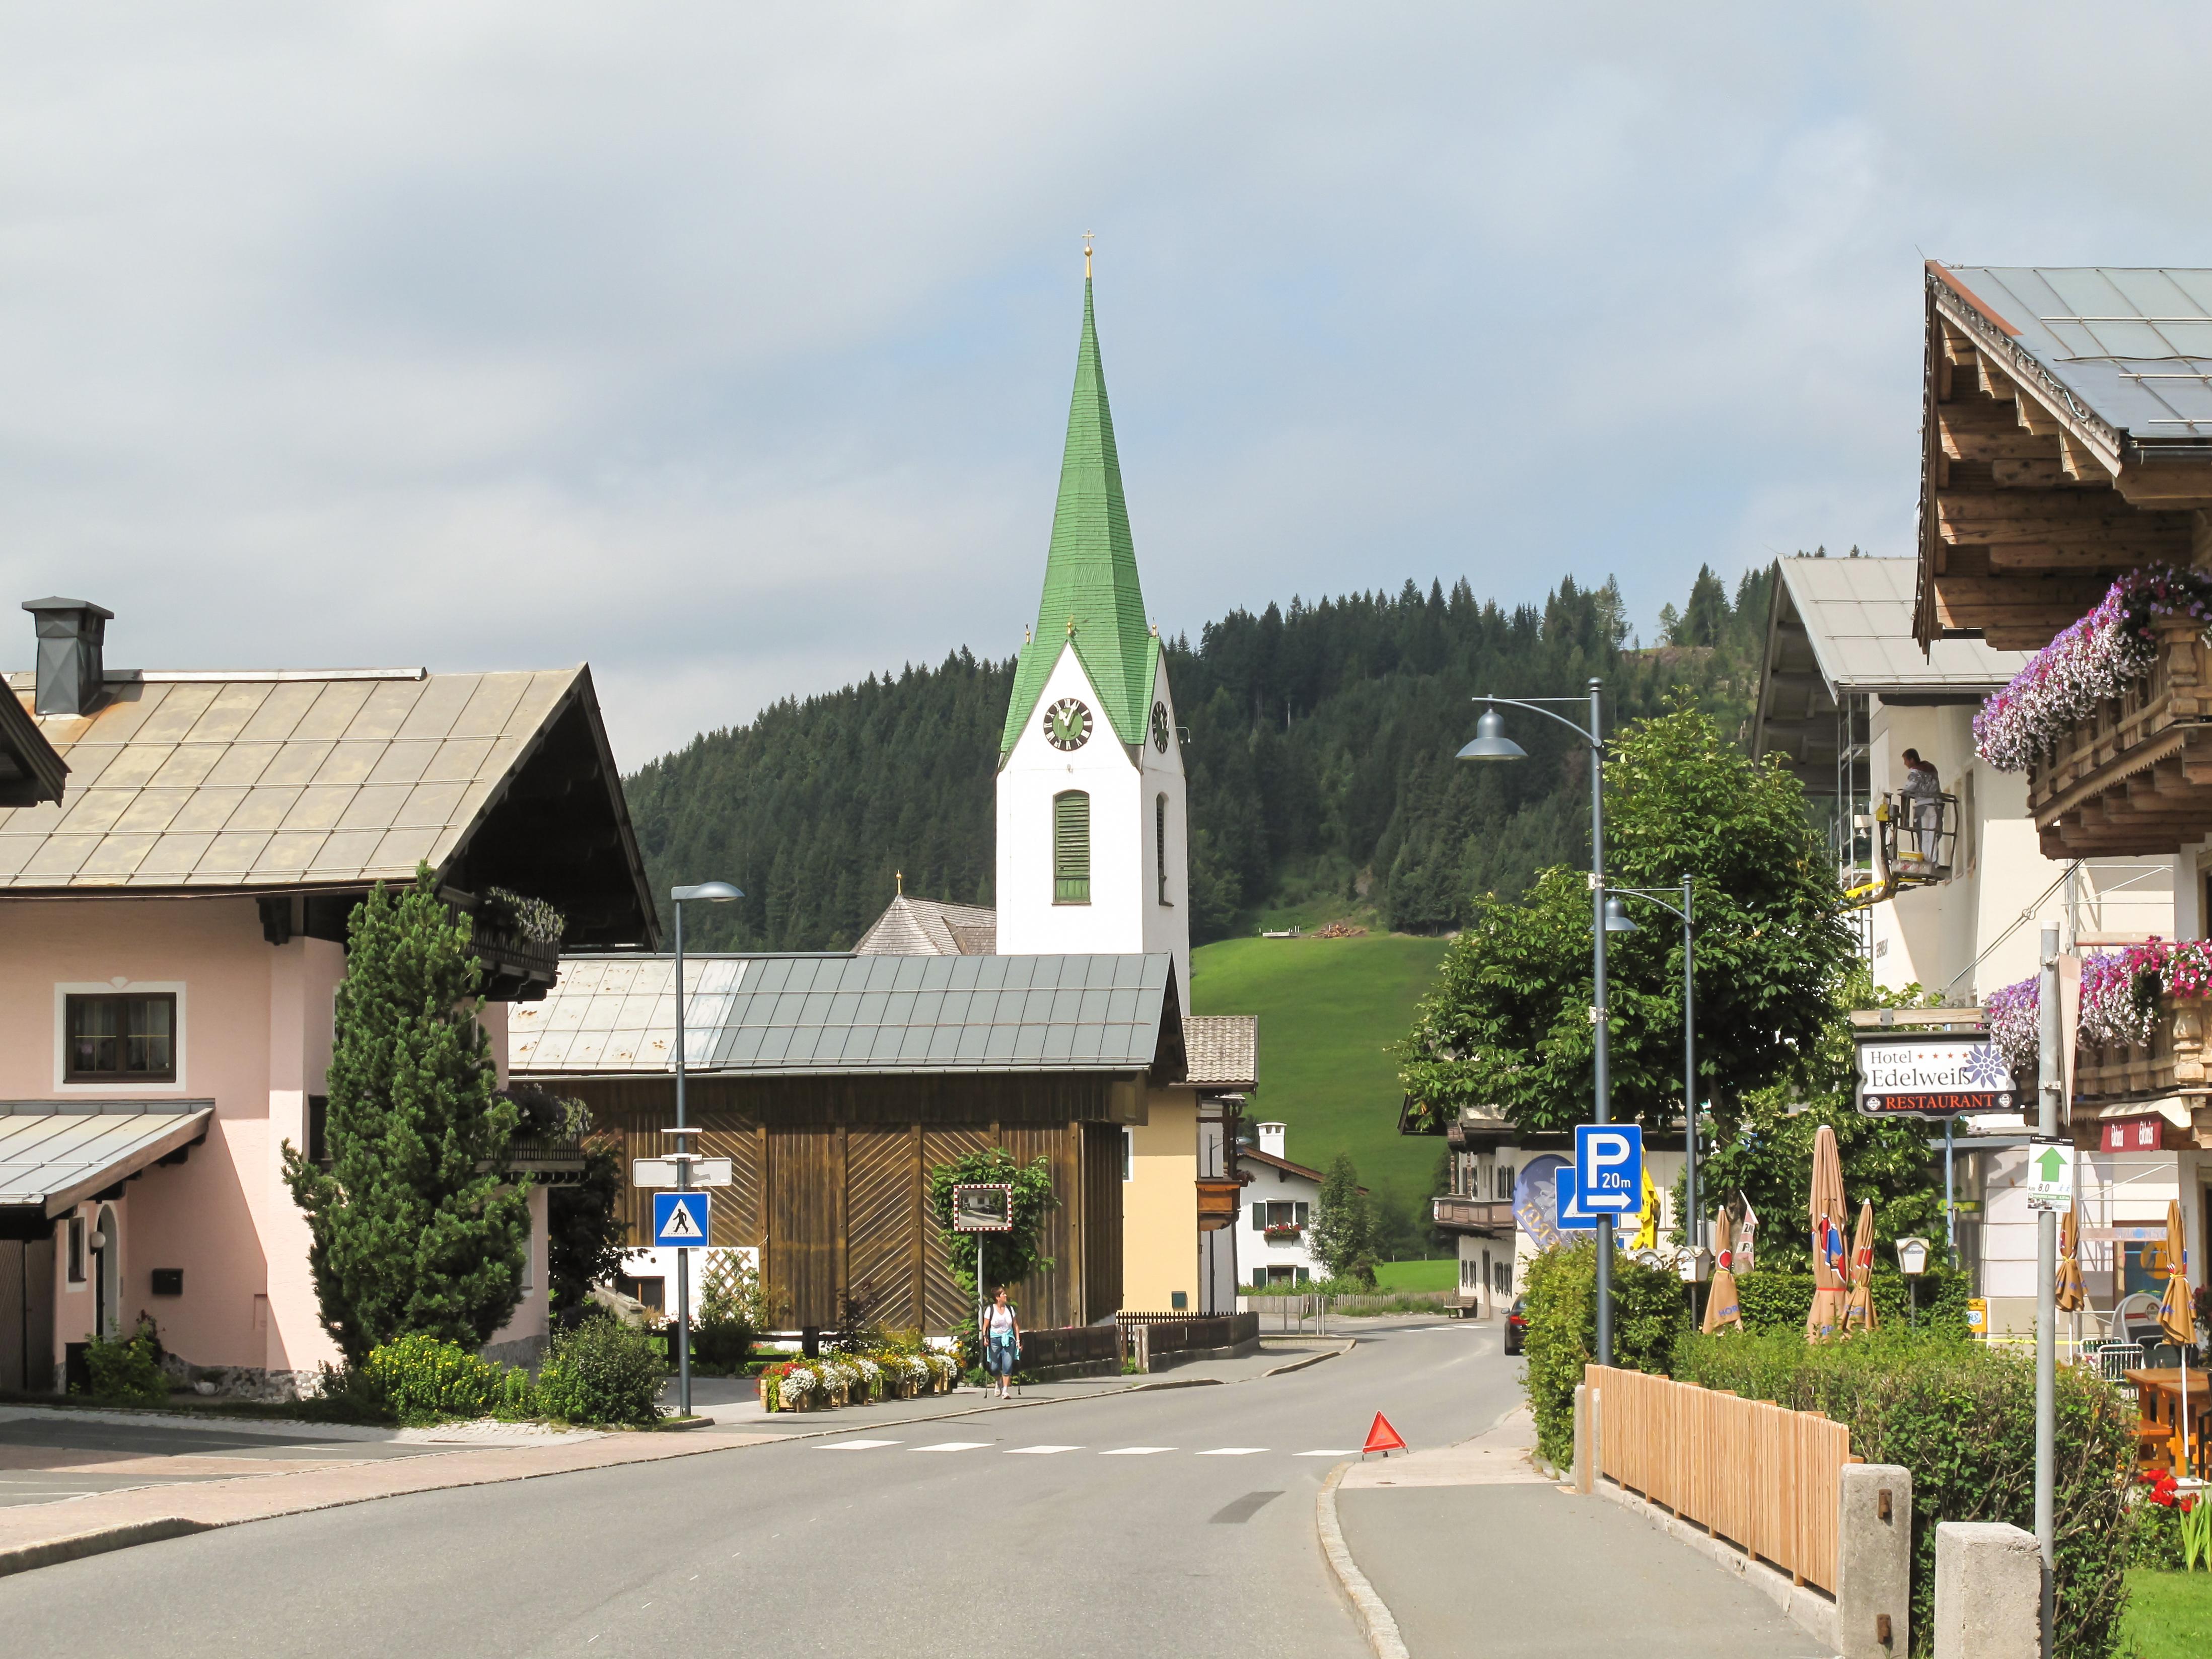 Главная улица Хохфильцена. Летом здесь тихо, а в эти зимние дни будет очень шумно… Источник https://upload.wikimedia.org/